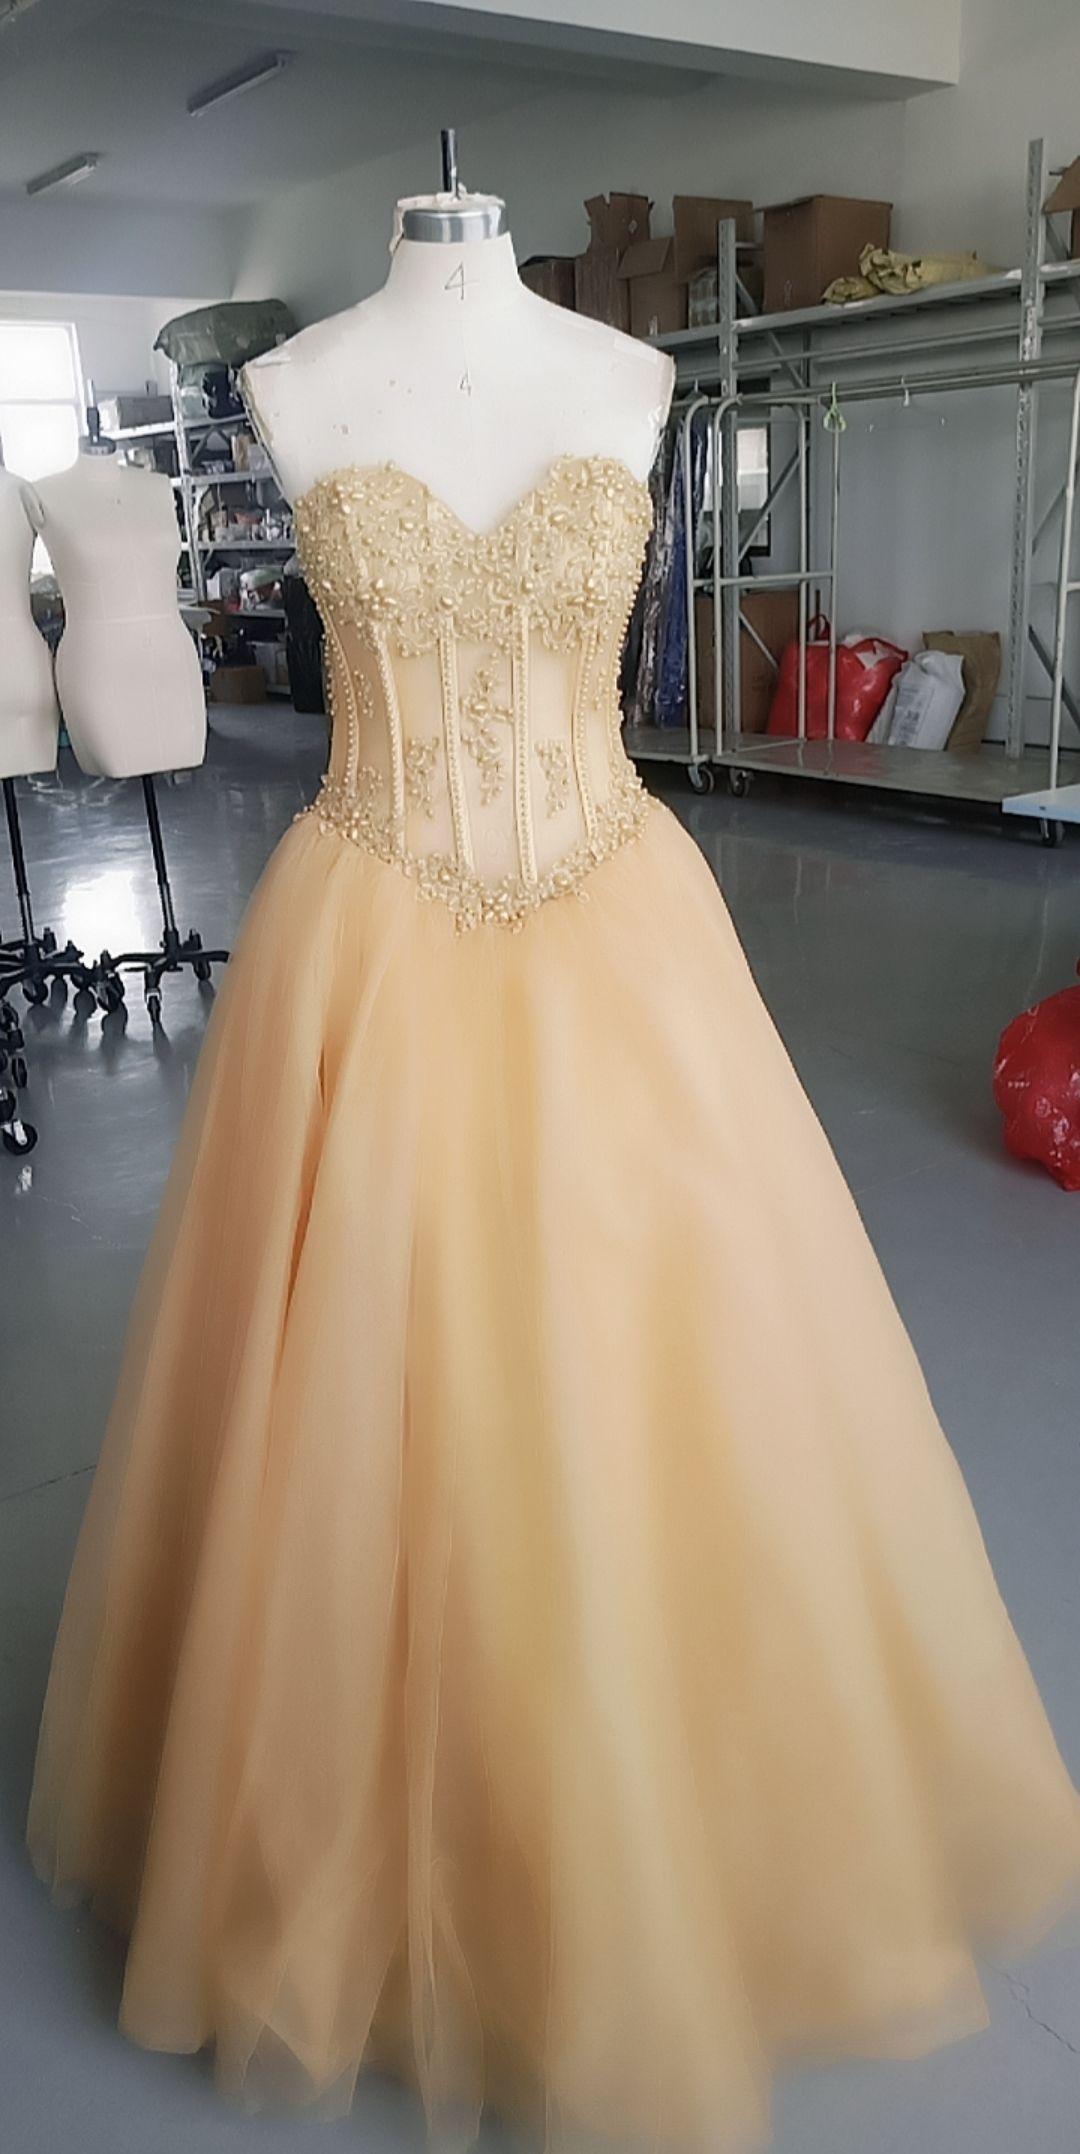 2021 Pics Pics Aline Sweetheart Pearls Abito da sera Zipper Tulle Formale Pageant Prom Abbigliamento personalizzato